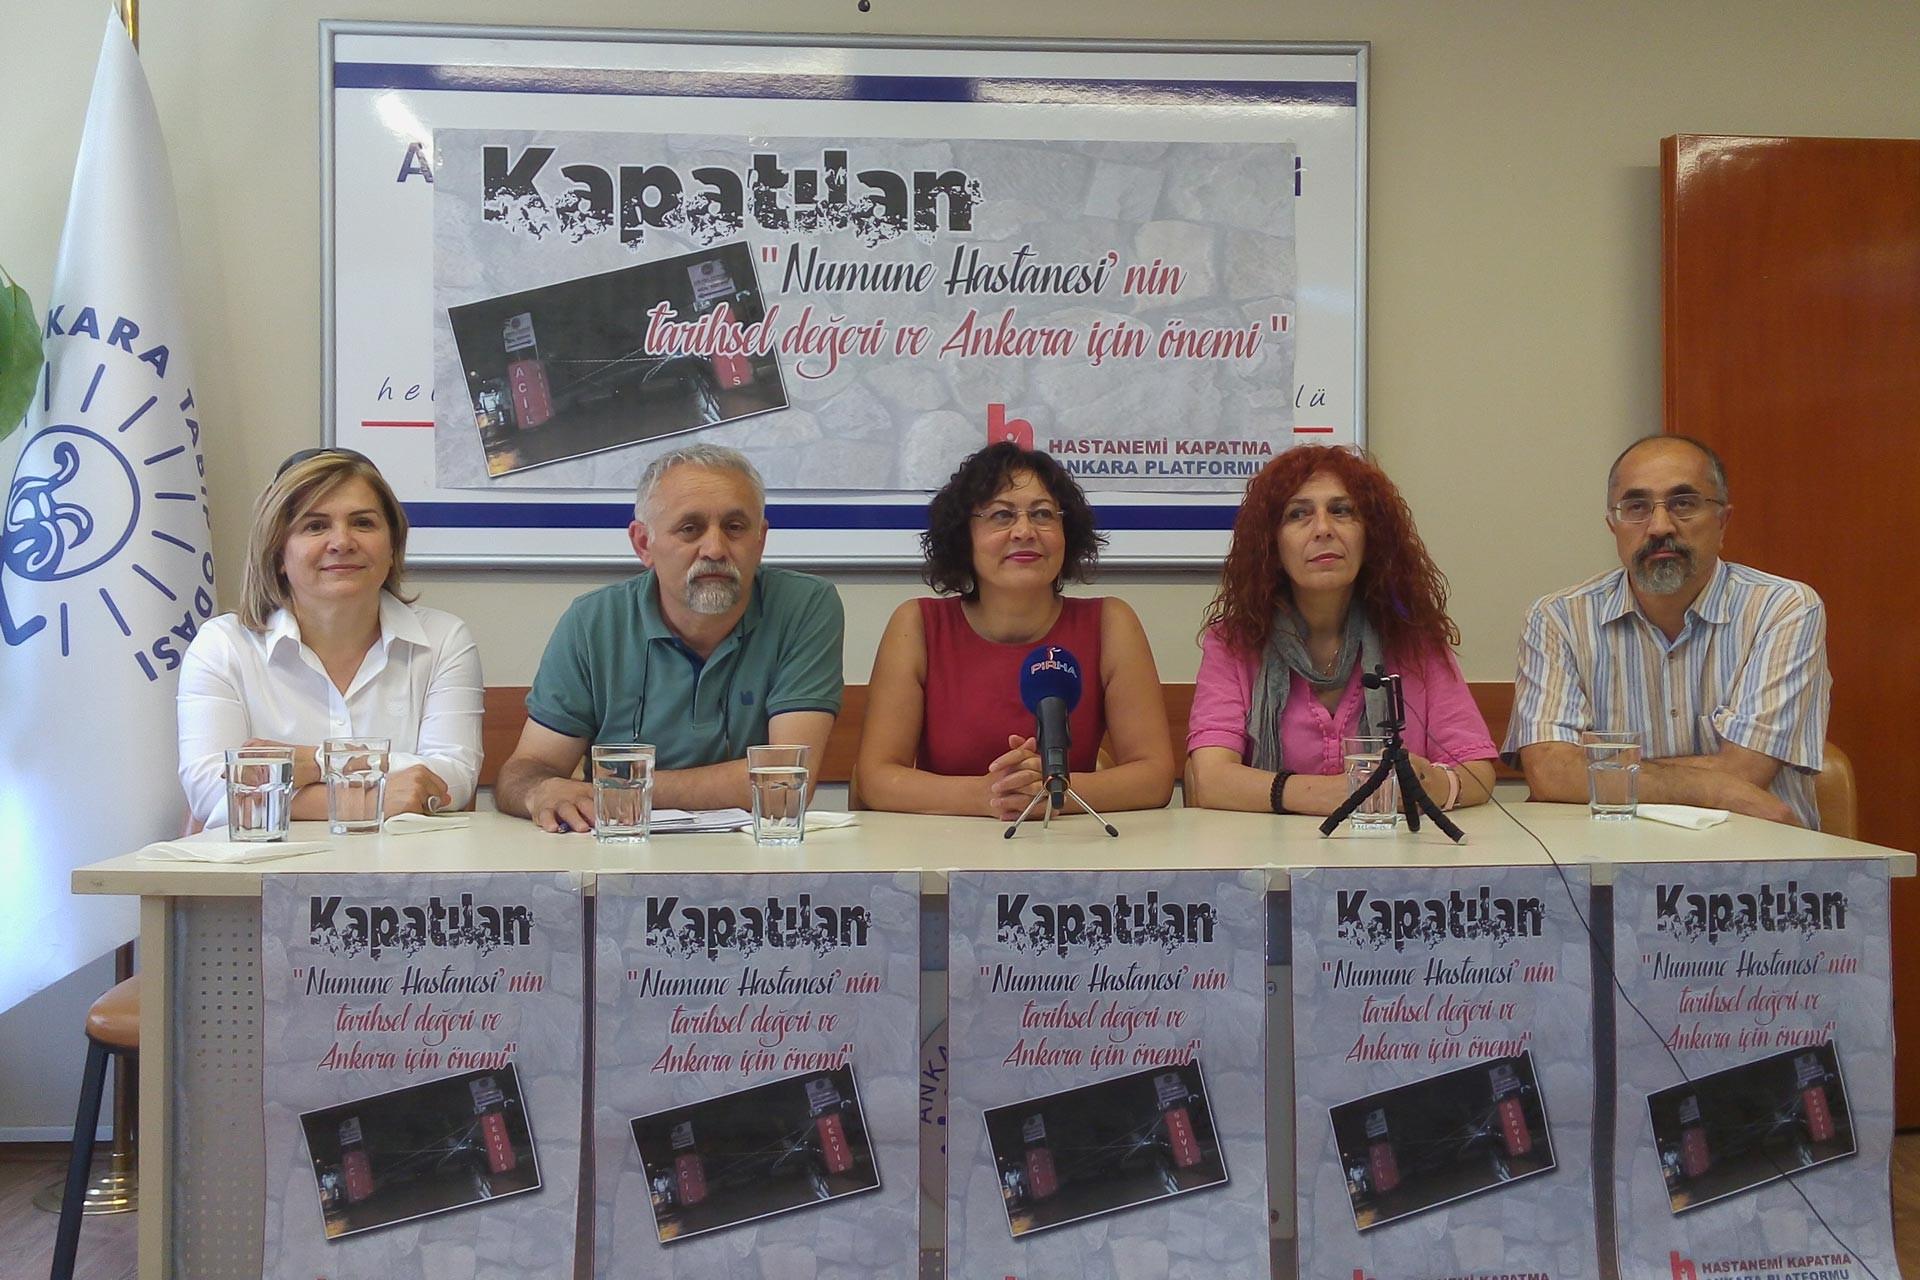 '138 yıllık Ankara Numune Hastanesi rant için kapatıldı'